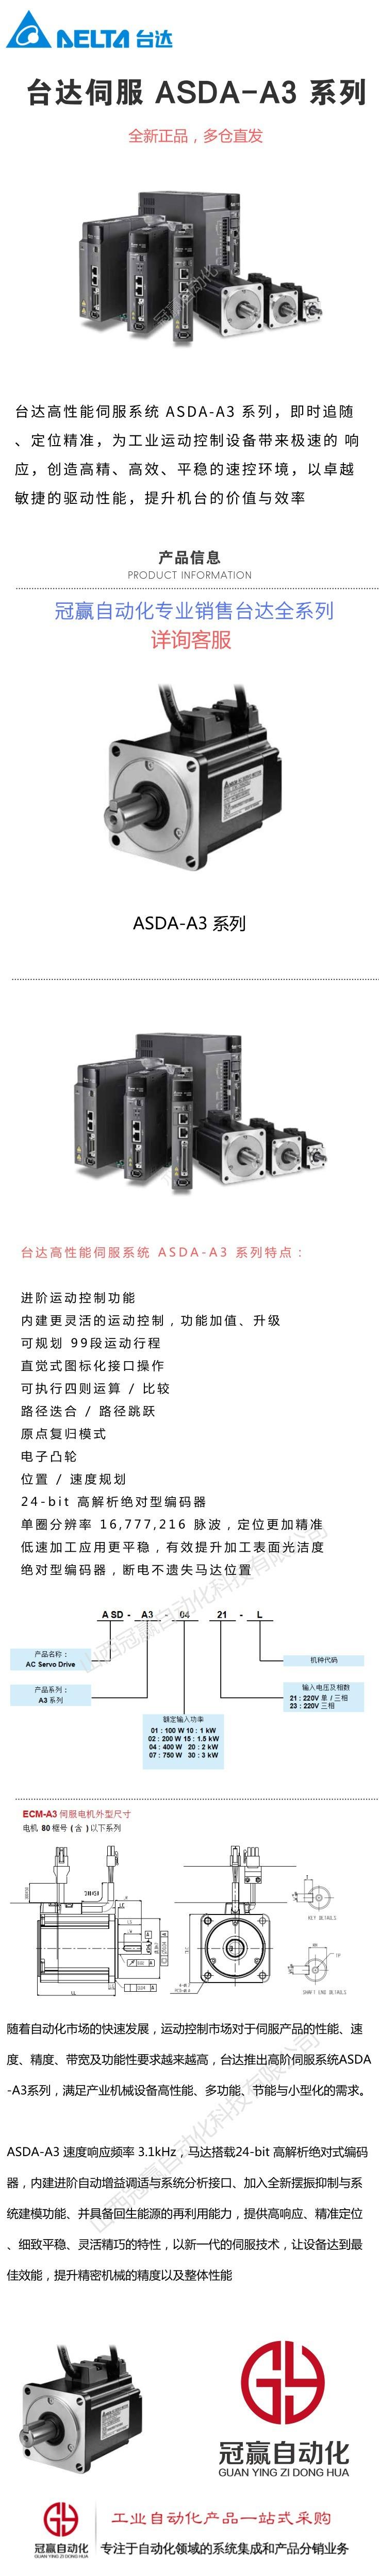 台达高性能伺服系统 ASDA-A3 系列